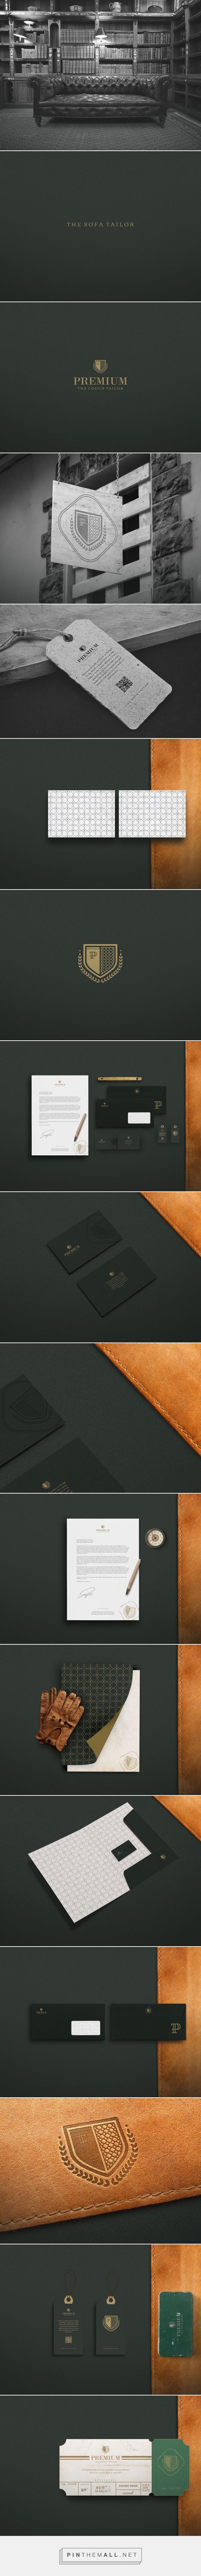 Premium the sofa tailor Branding by Bullseye